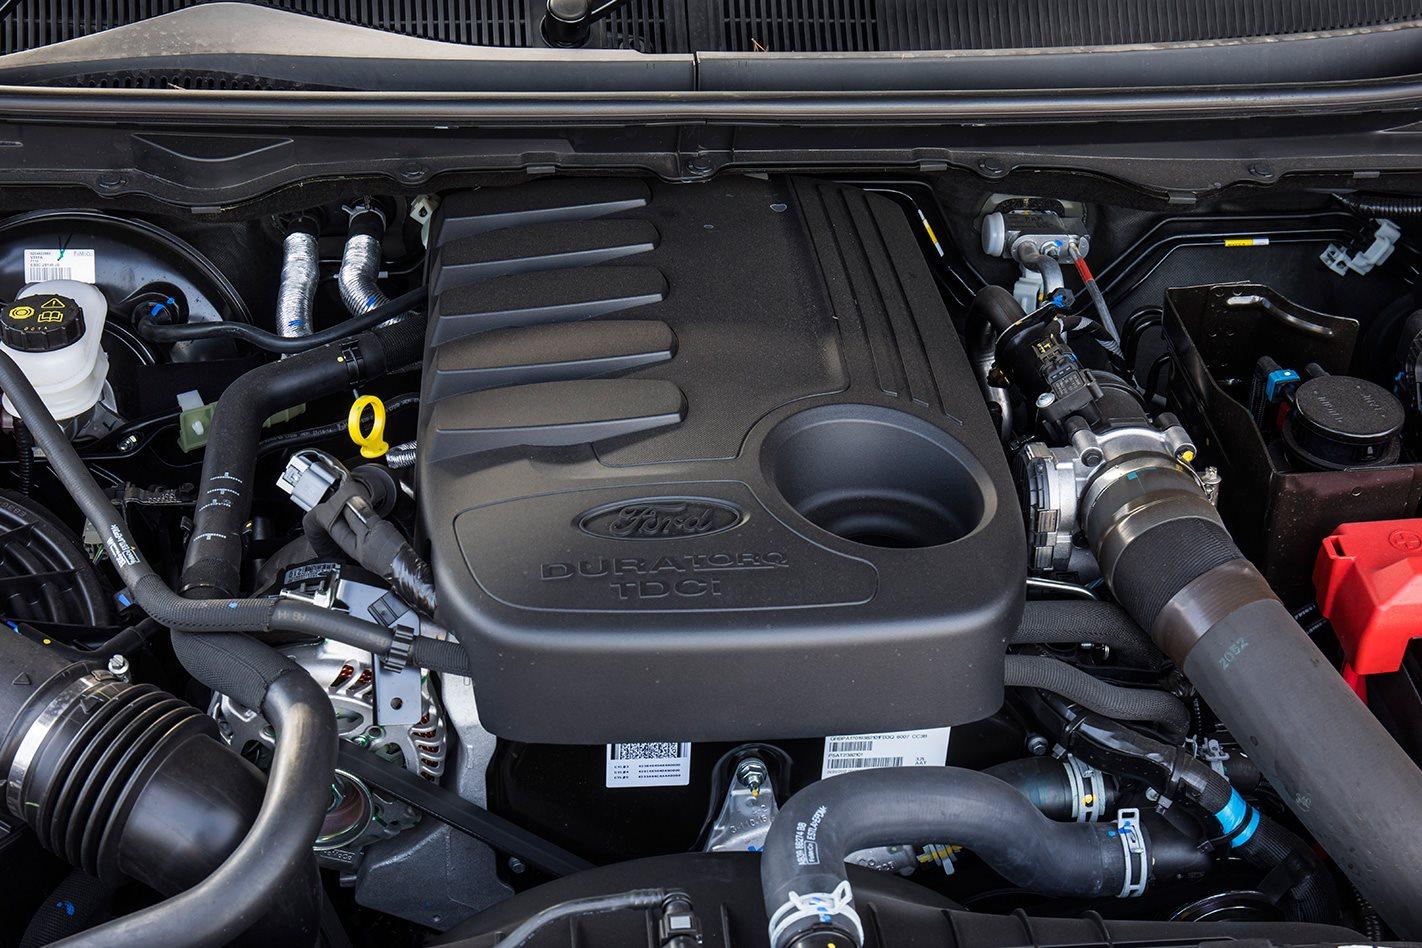 Ford Ranger FX4 engine